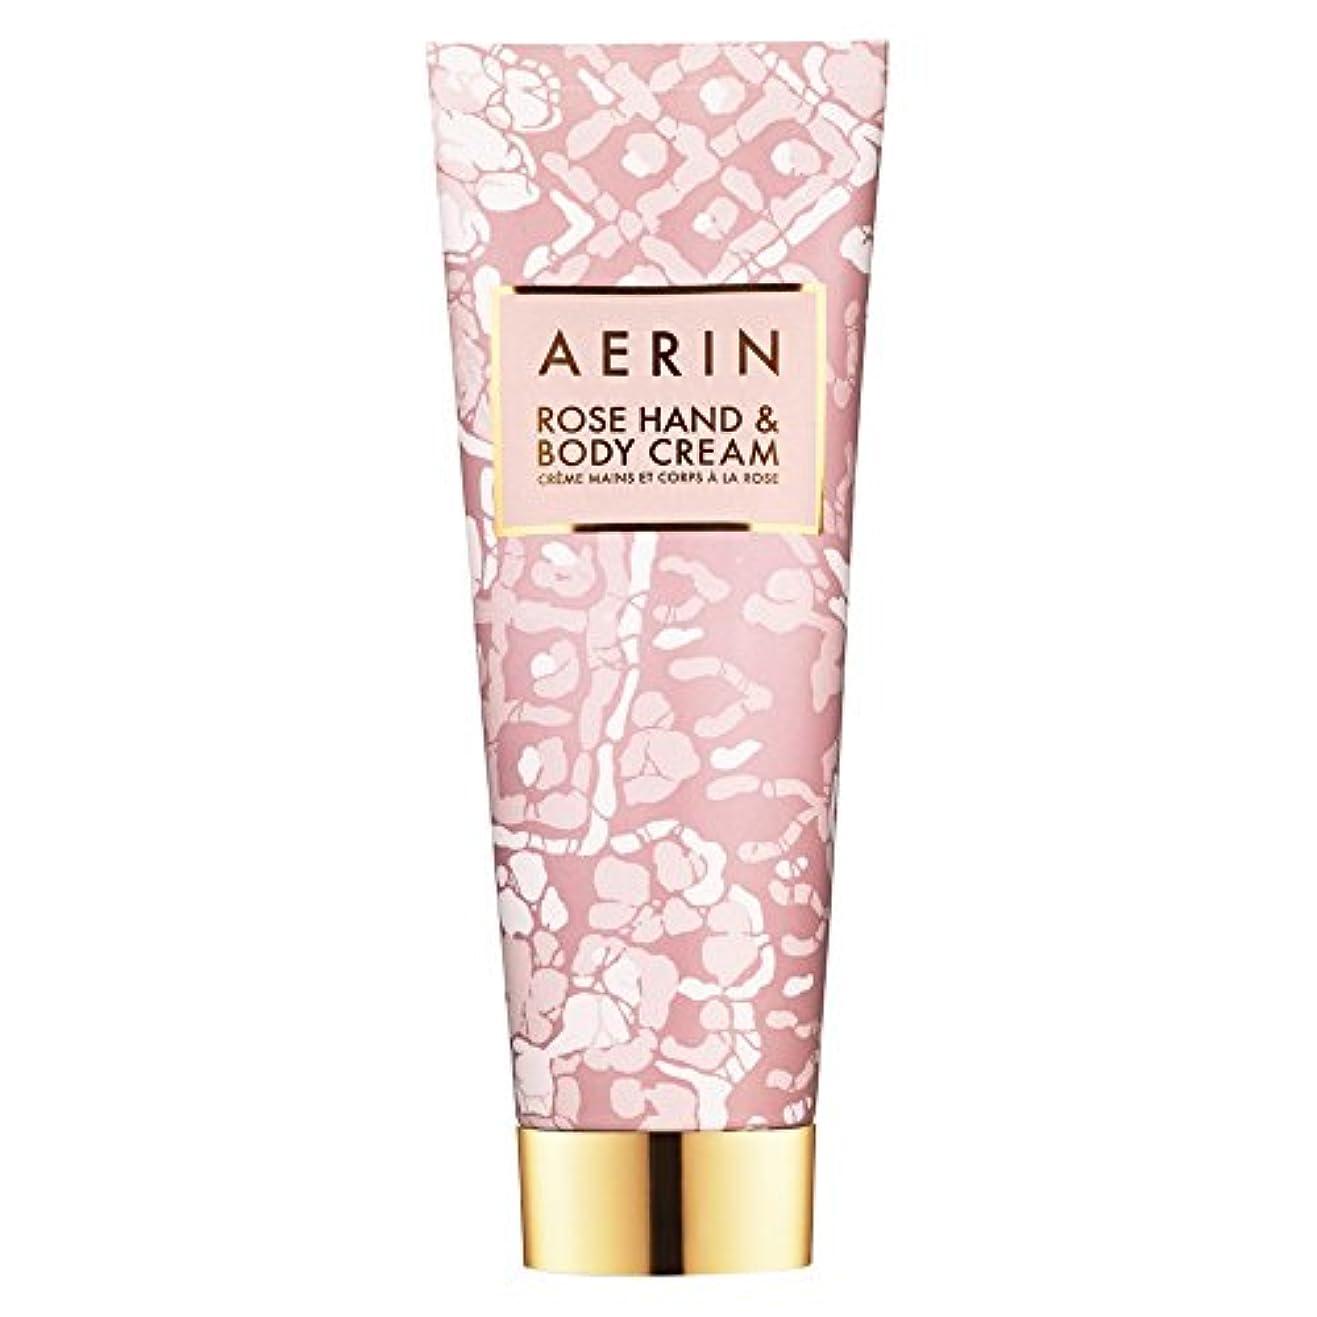 クライアント申し立てディレイAerinはハンド&ボディクリーム125ミリリットルをバラ (AERIN) - AERIN Rose Hand & Body Cream 125ml [並行輸入品]